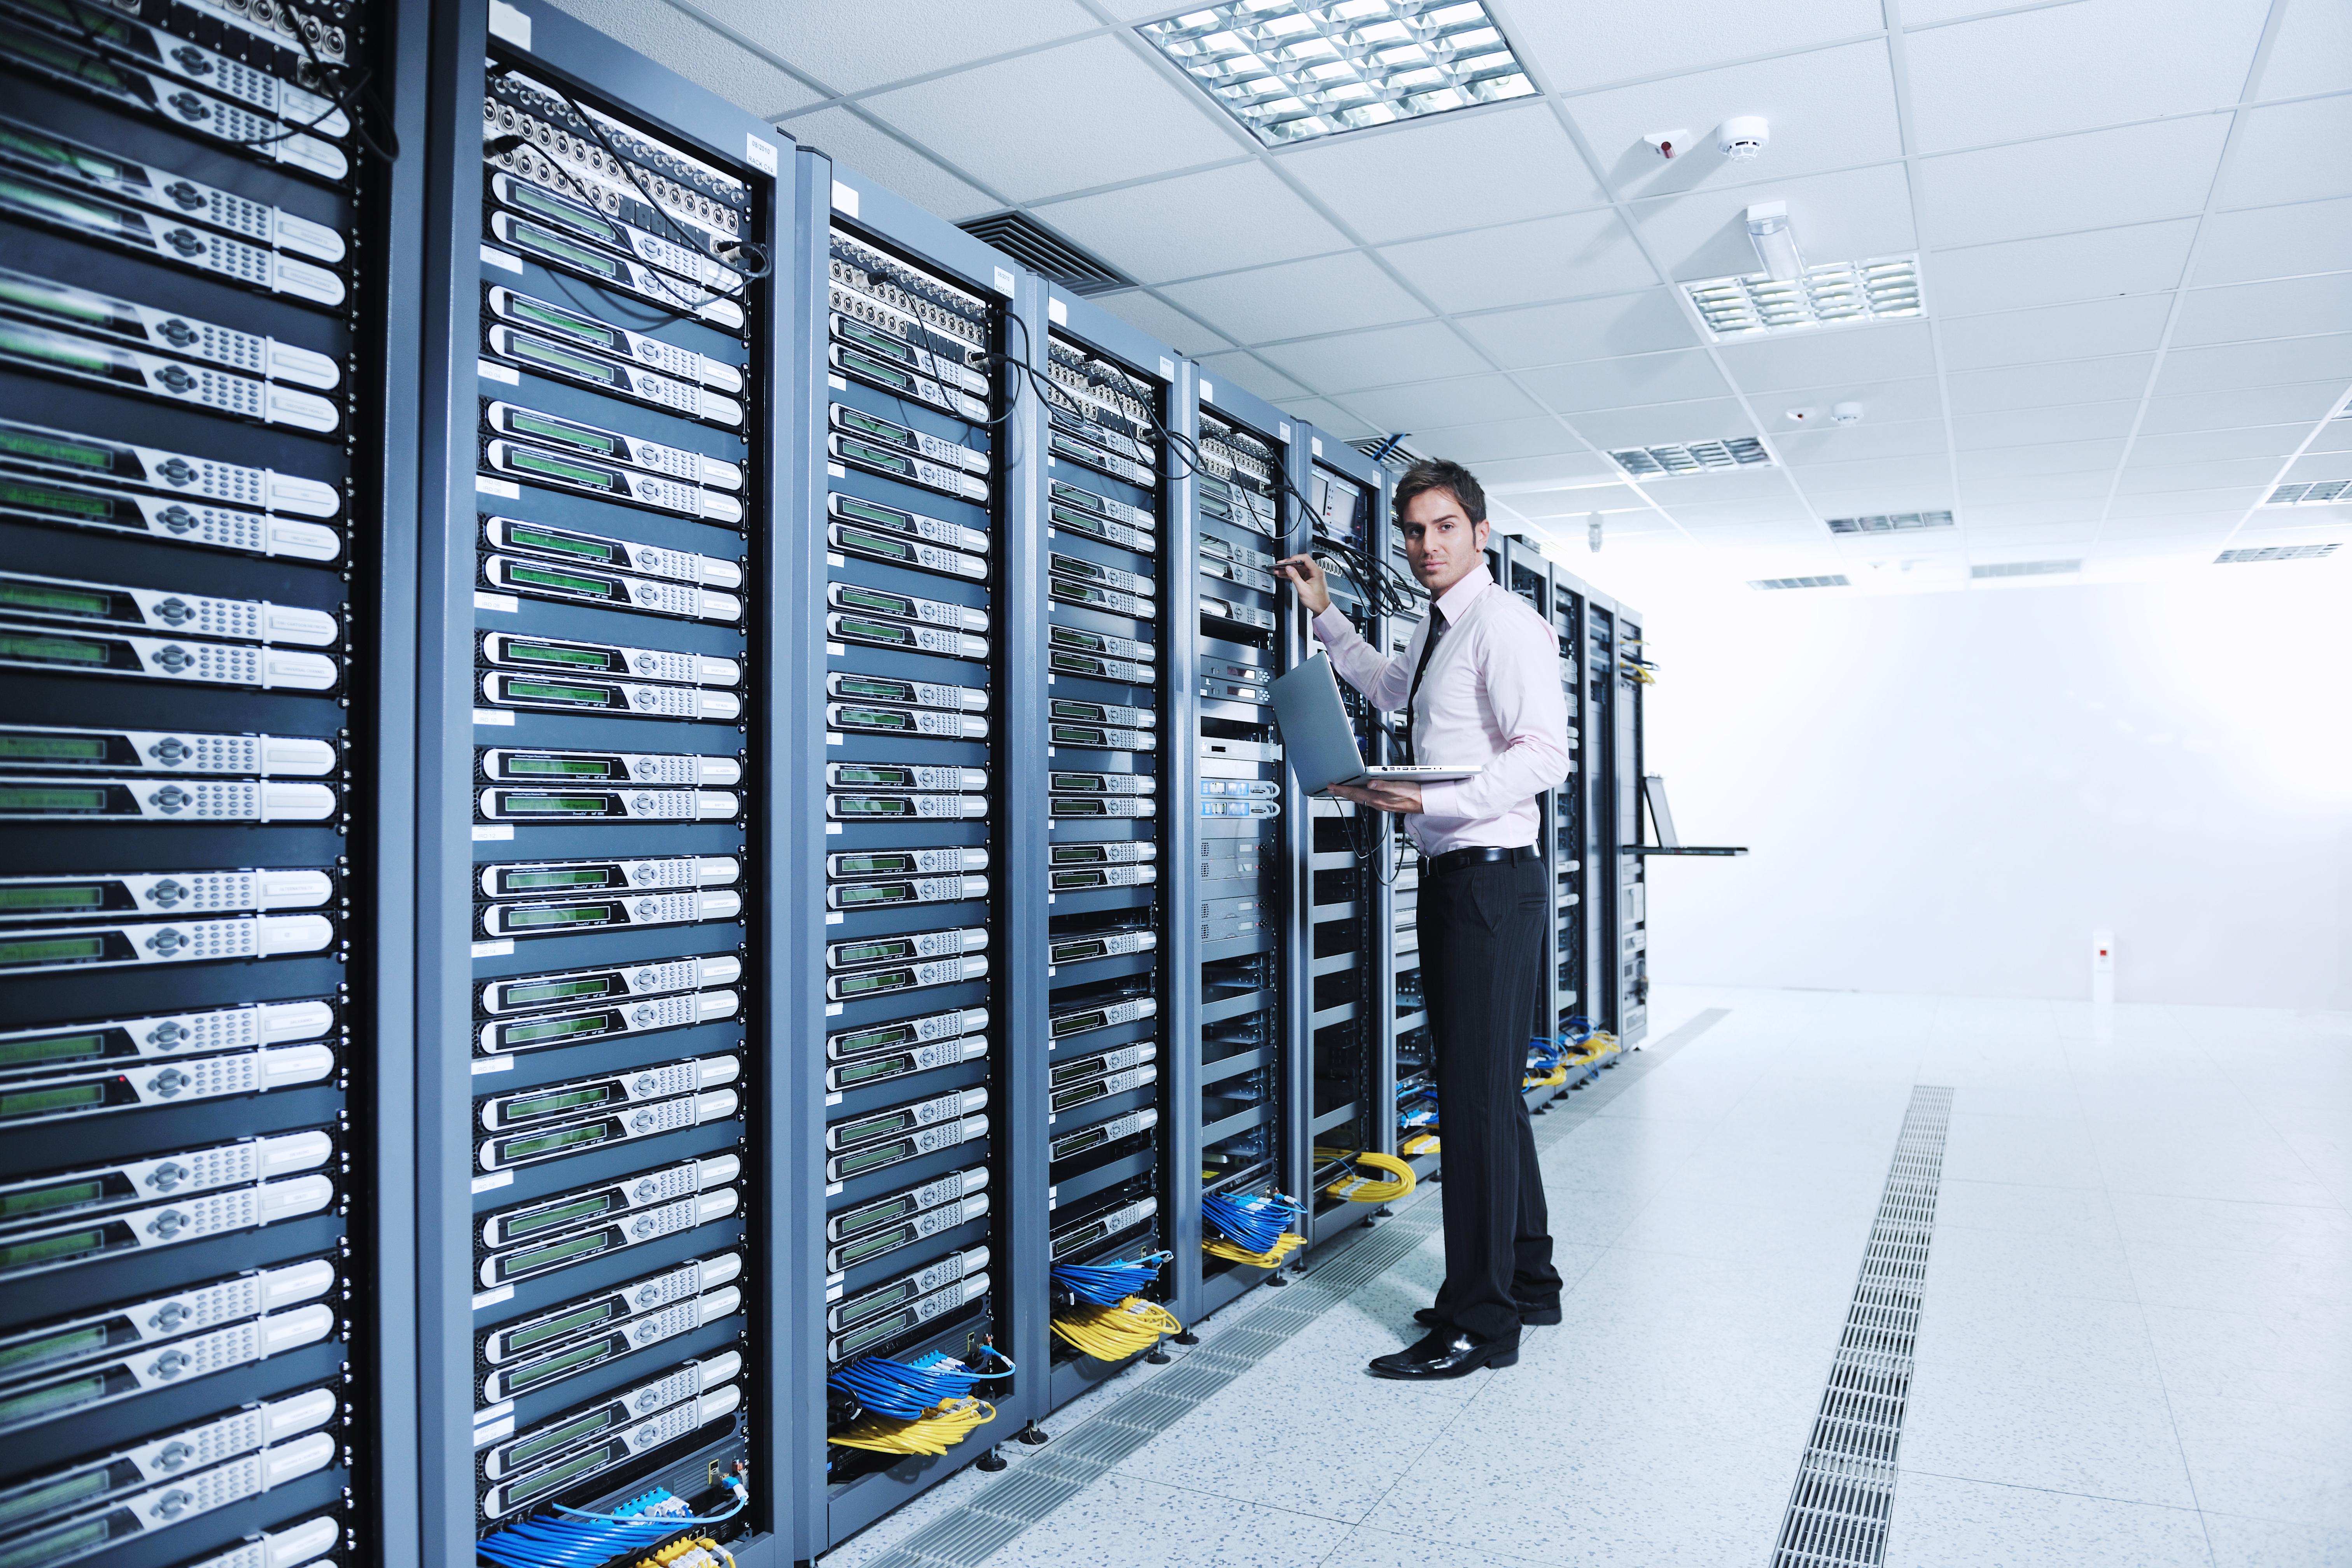 Datacenters, nubes y VM Servers